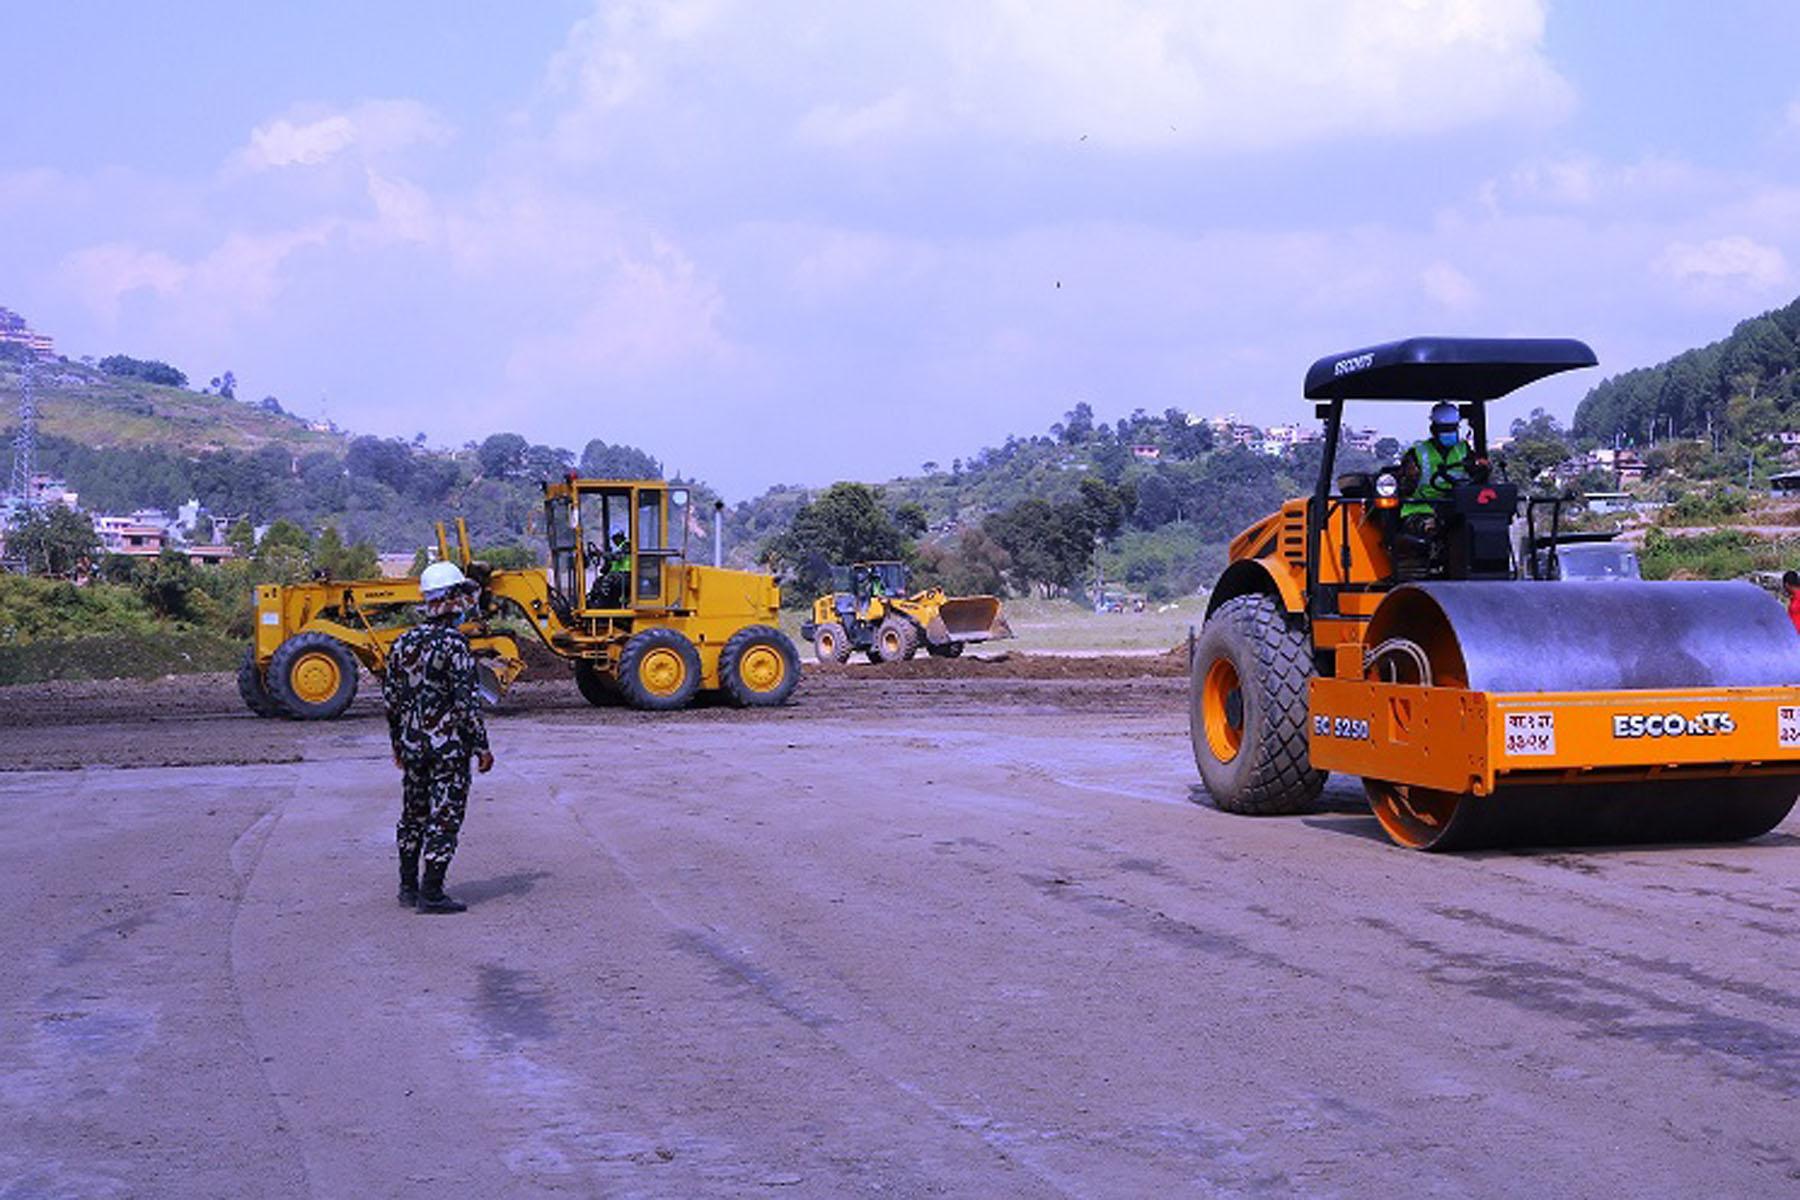 काठमाडौं-तराई-मधेश द्रुतमार्गको प्रगति अपडेट (फोटो फिचर)